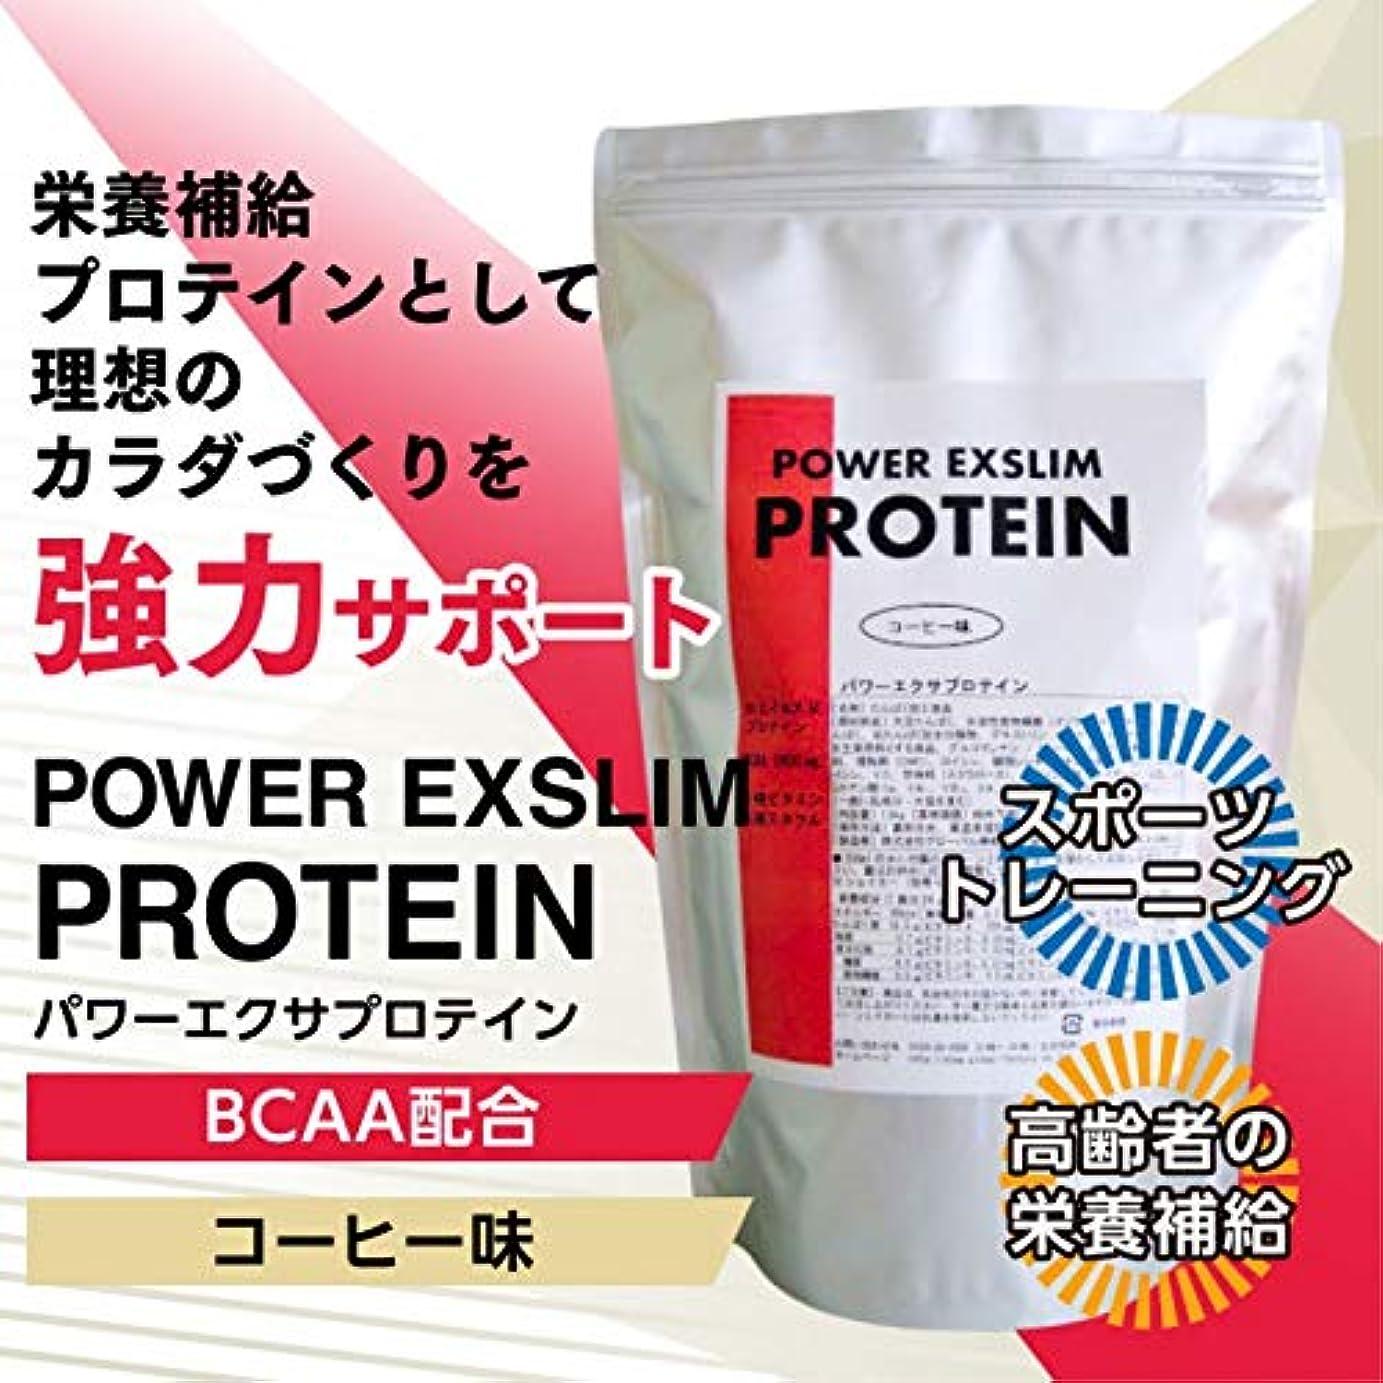 啓示細胞援助《20%OFF》パワーエクサプロテイン コーヒー味1.2Kg【BCAA配合】